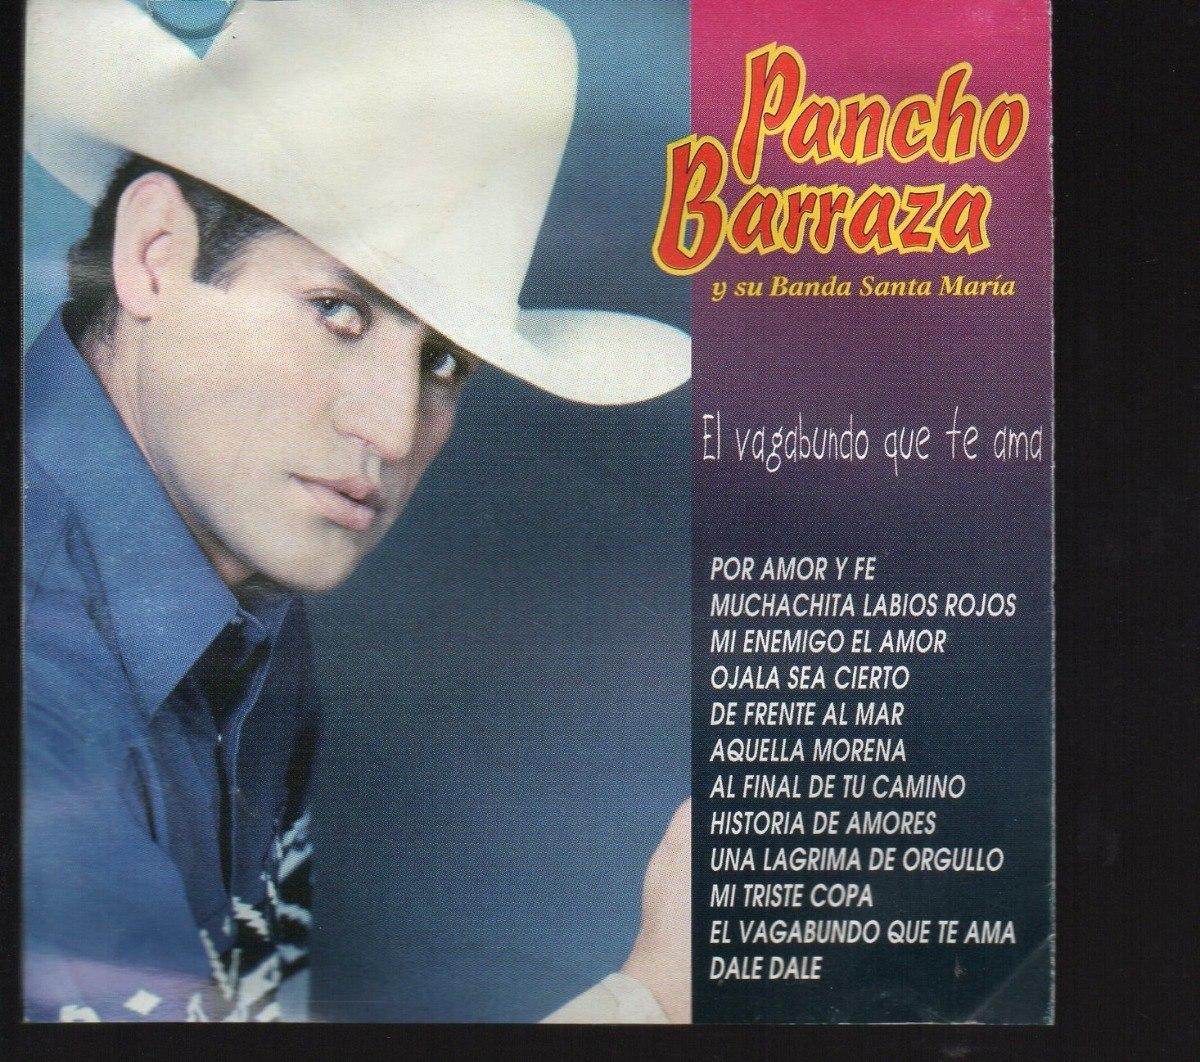 PANCHO BARRAZA (El Vagabundo Que Te Ama)